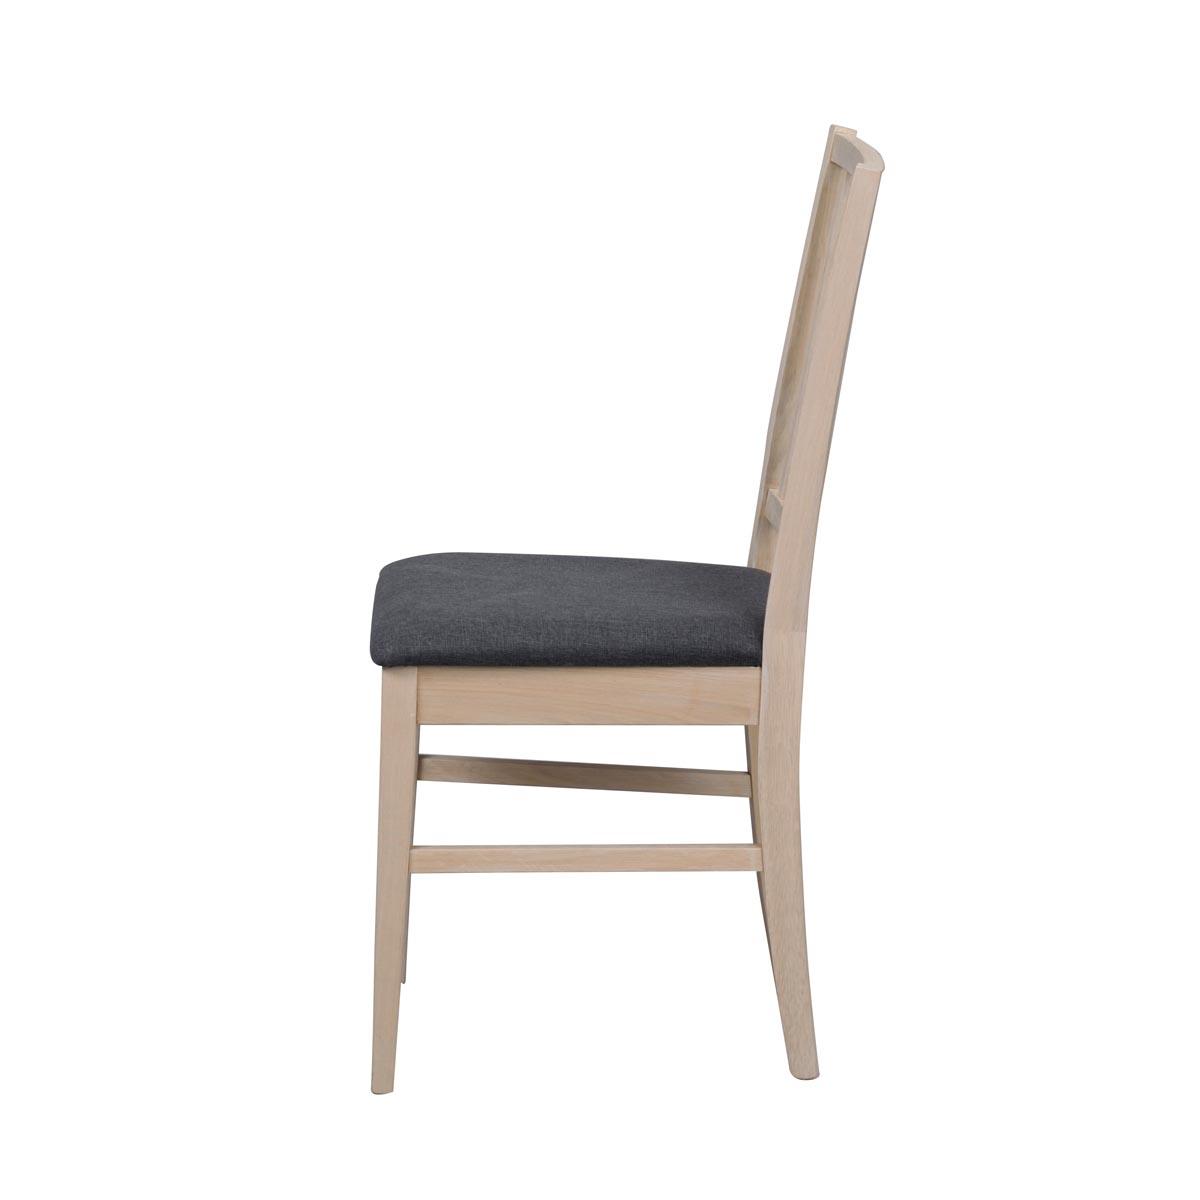 Vasa stol ww grå sits sida